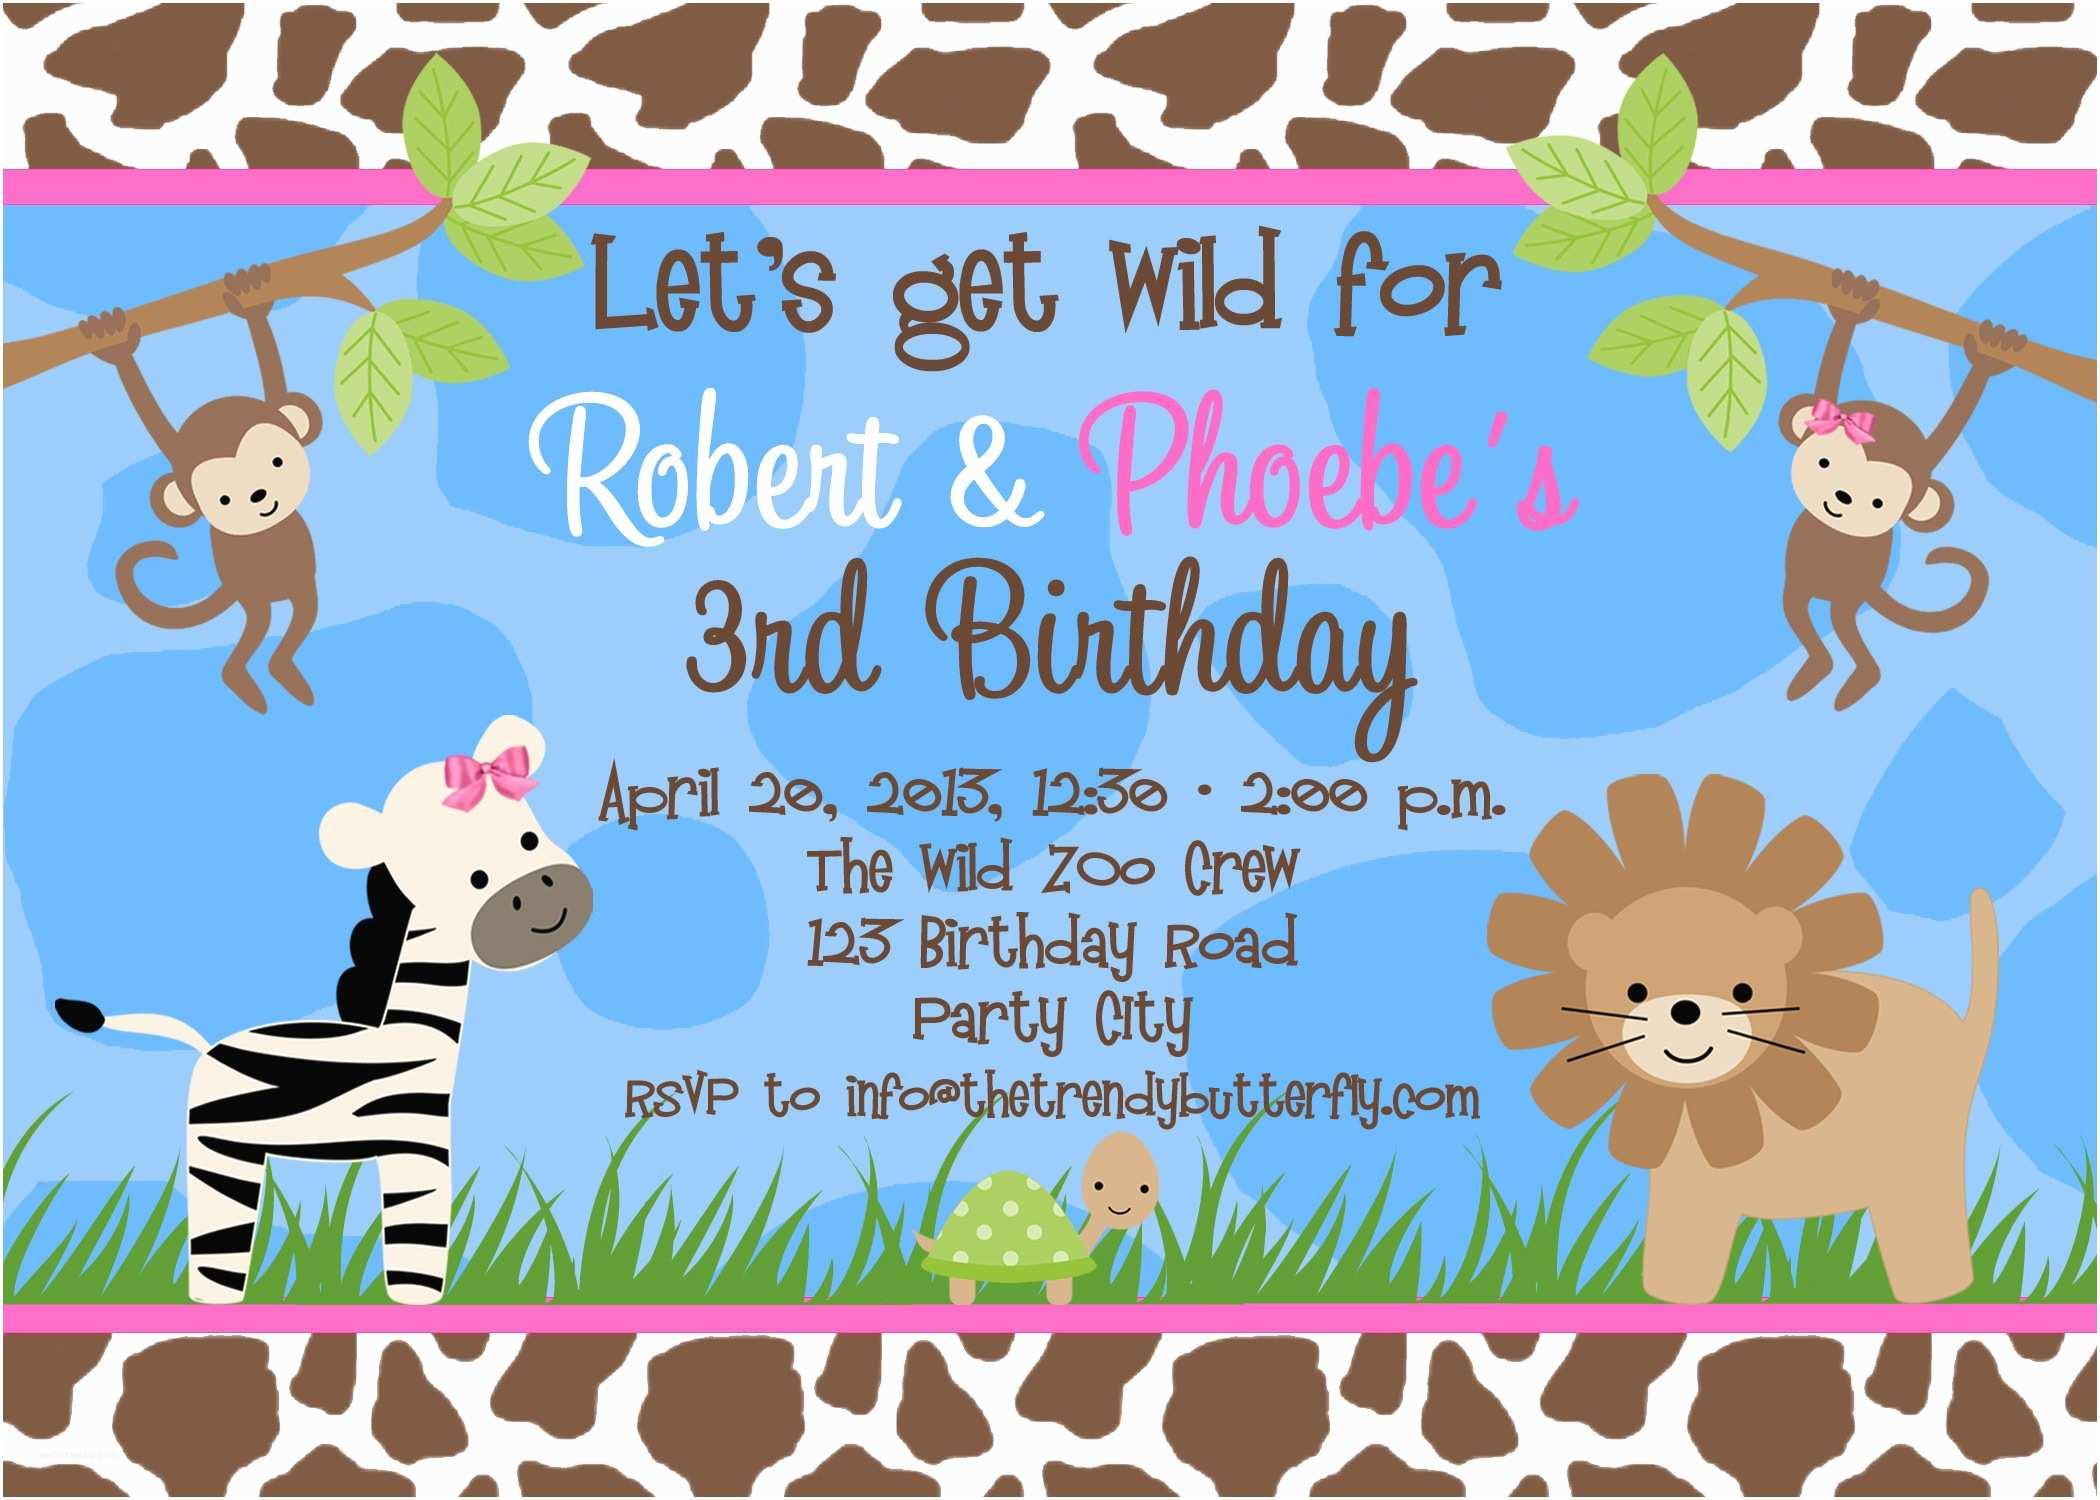 Free Birthday Party Invitations Free Birthday Party Invitation Templates